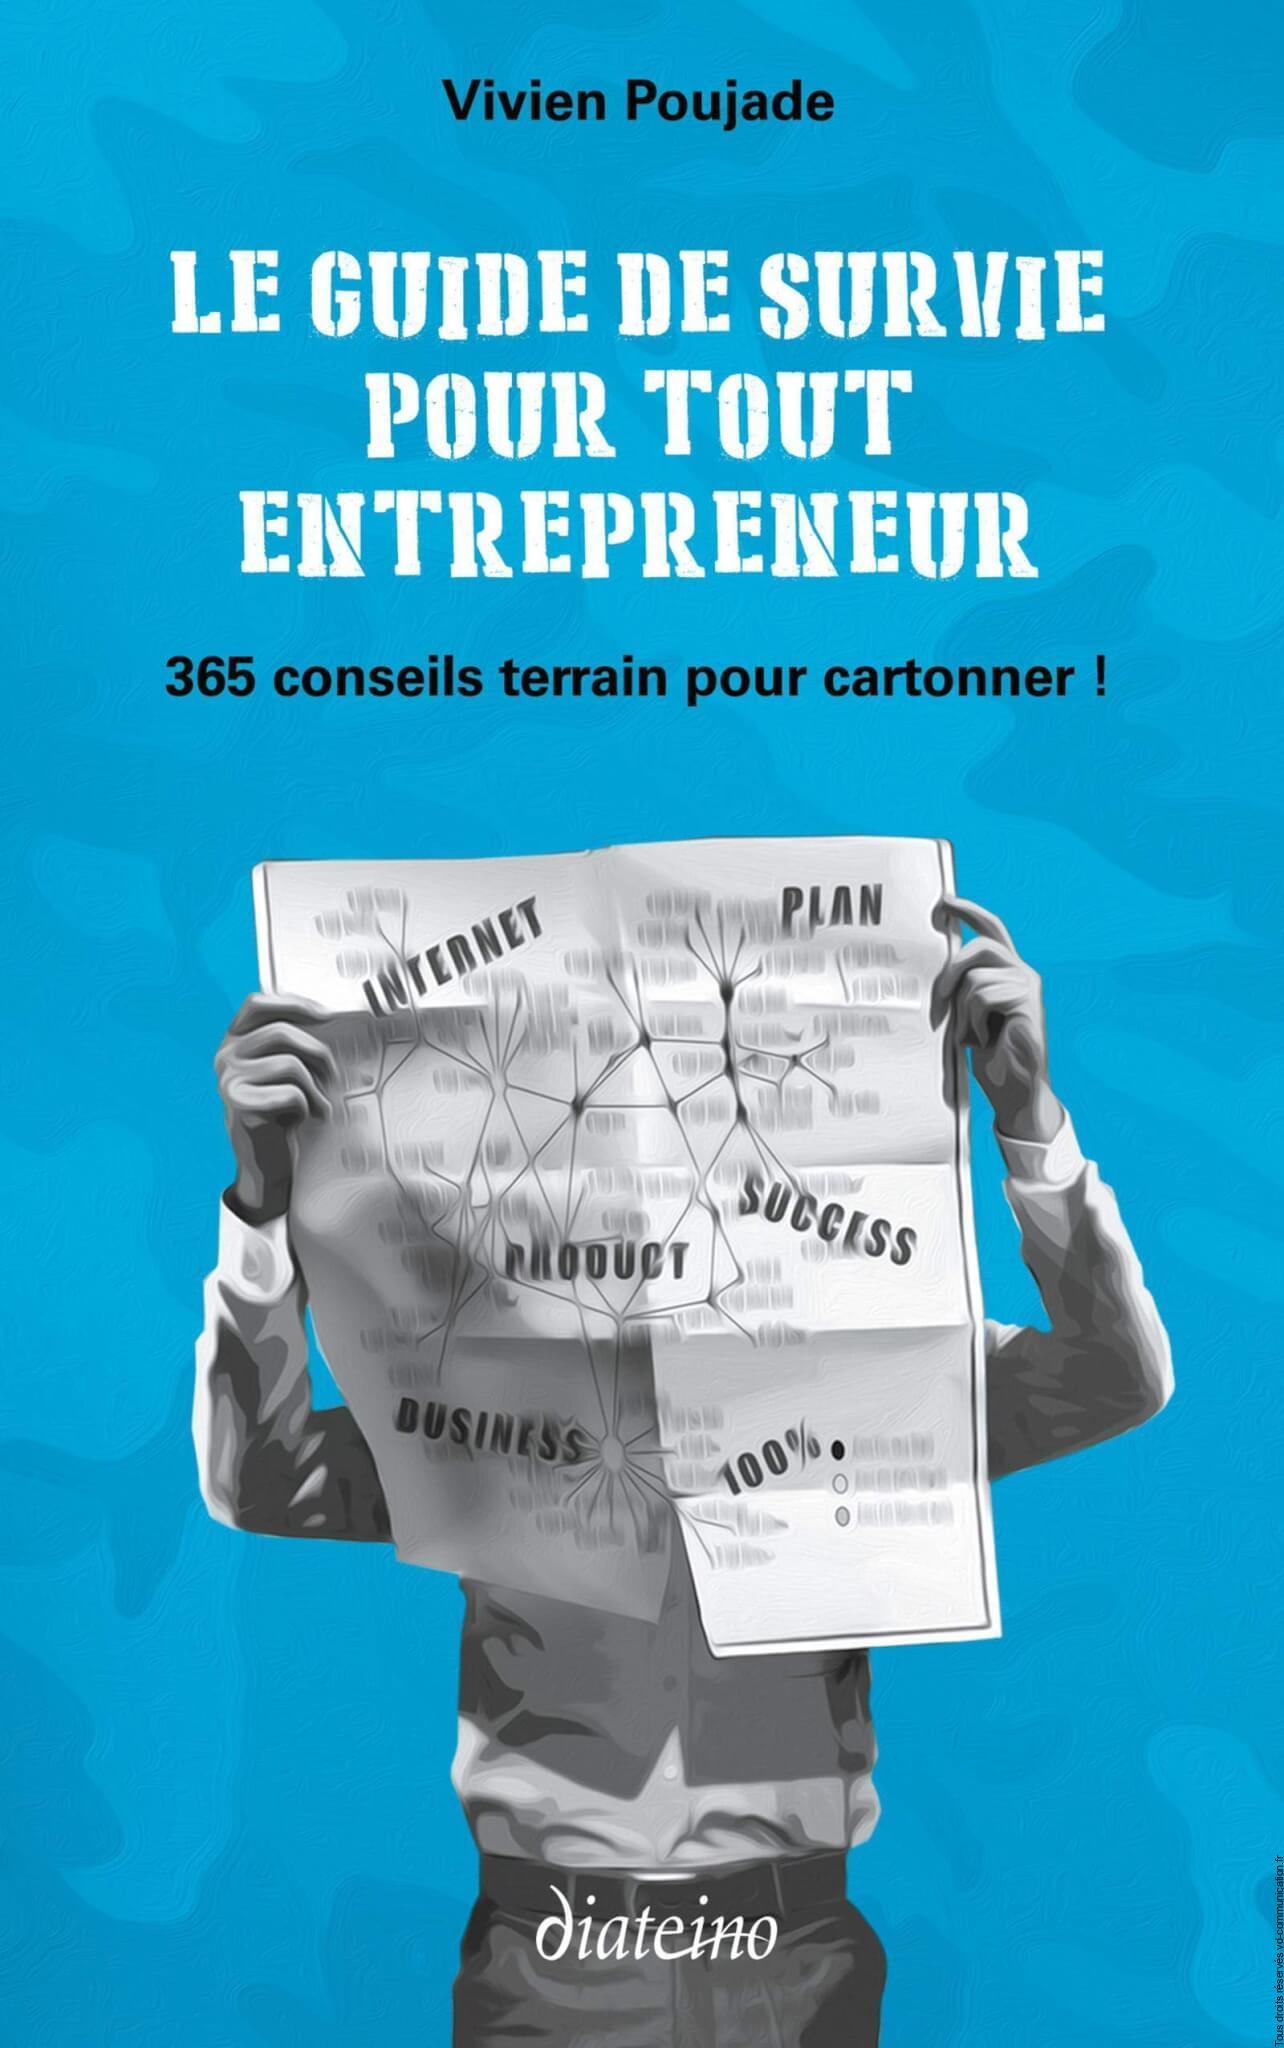 Le guide de survie de l'entrepreneur est disponible